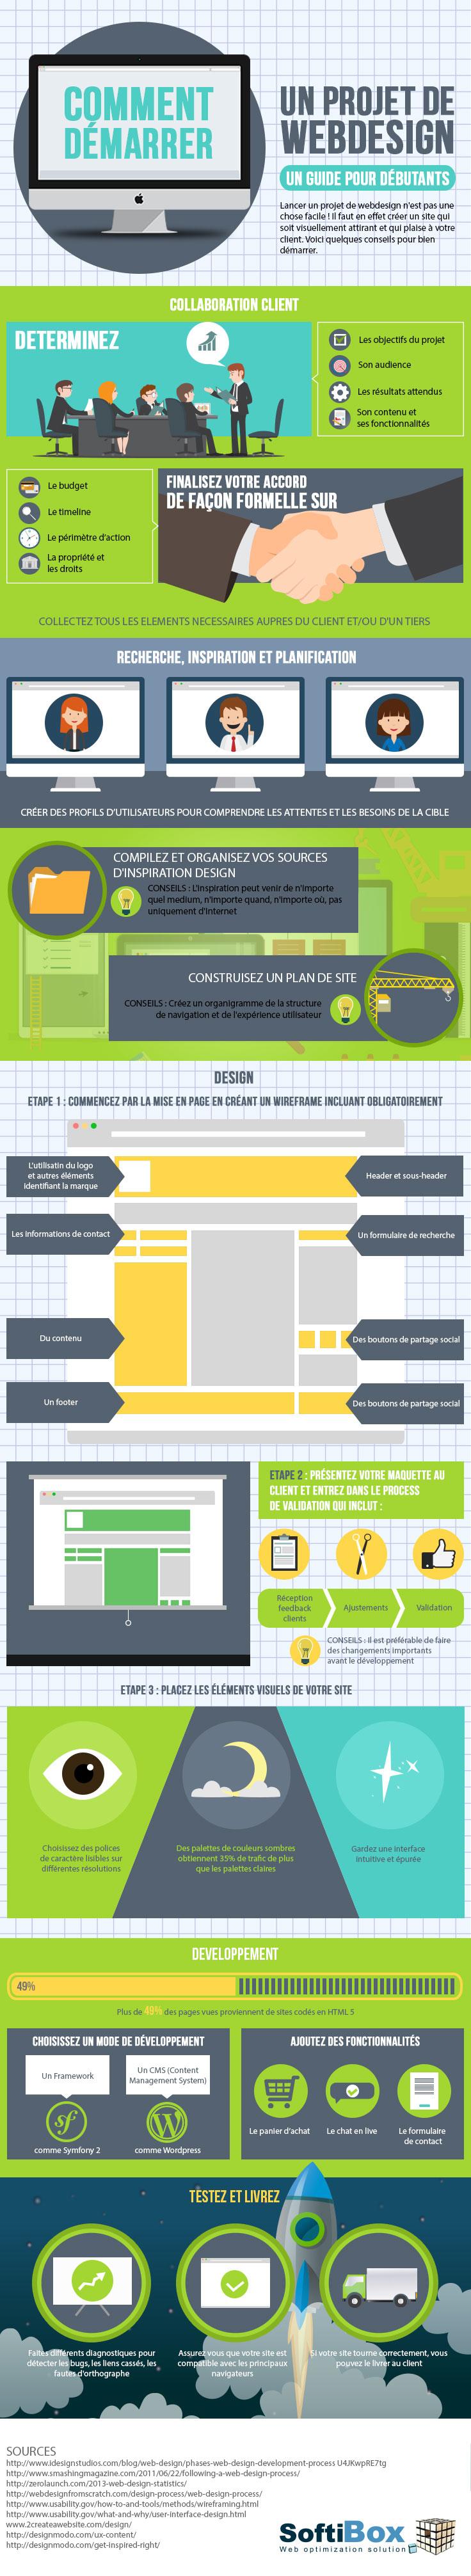 [Infographie] Comment démarrer un projet de webdesign